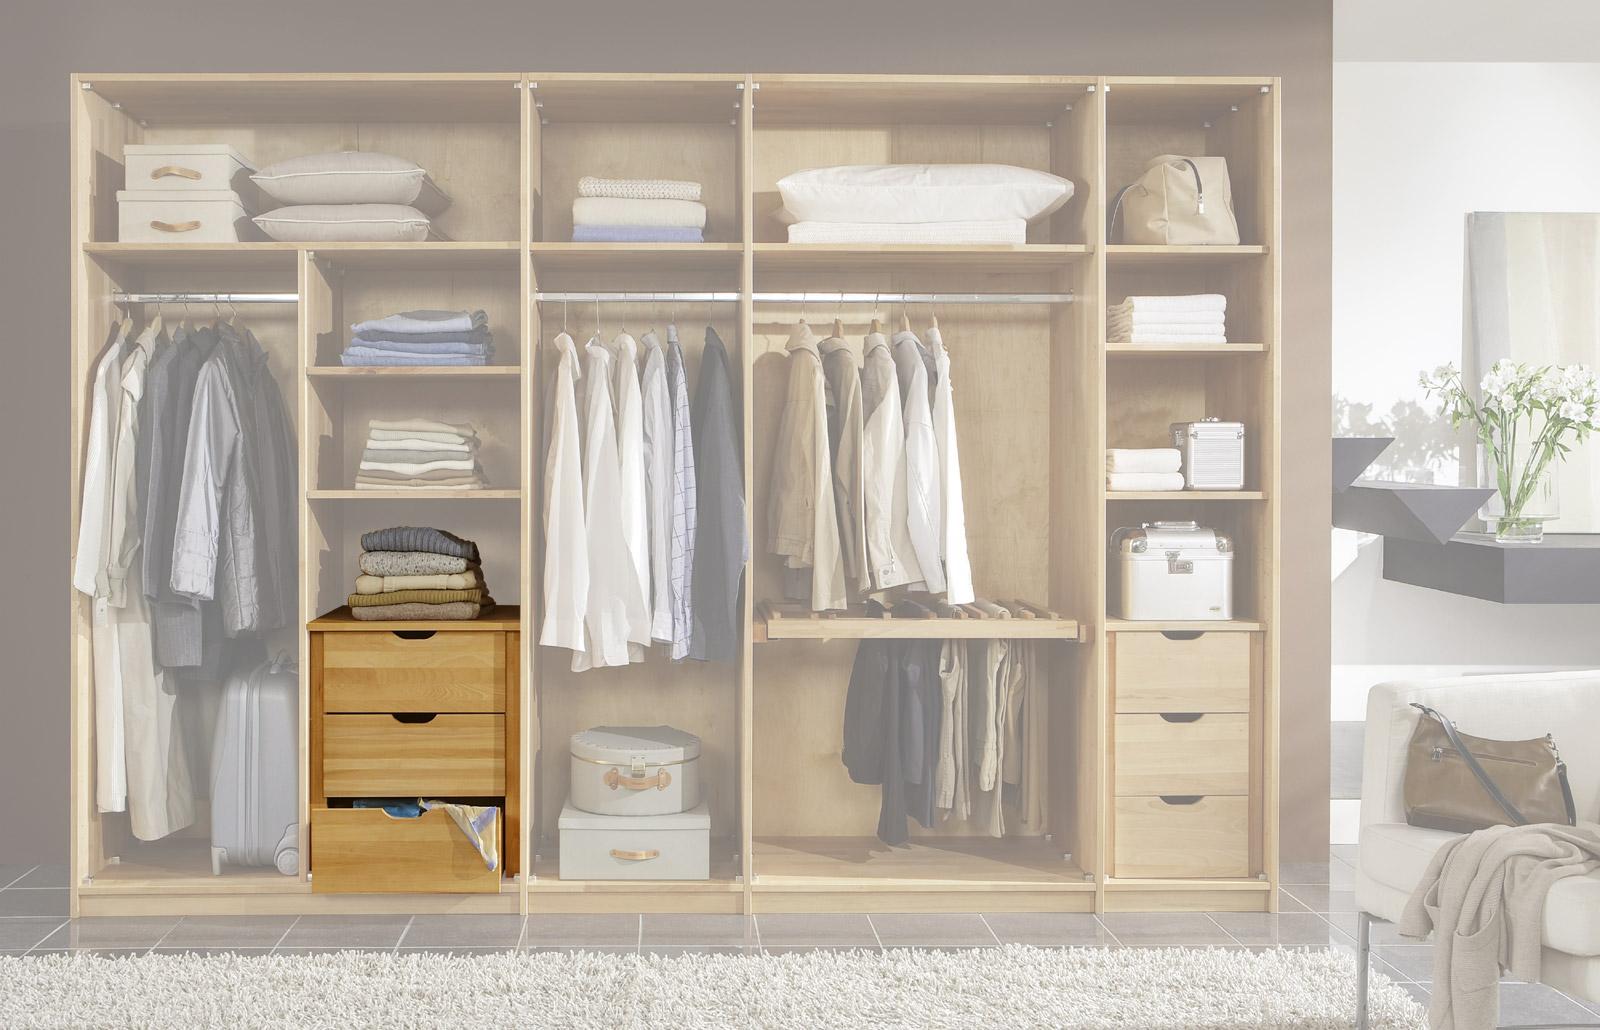 Zubehör für Kleiderschränke Schubladen